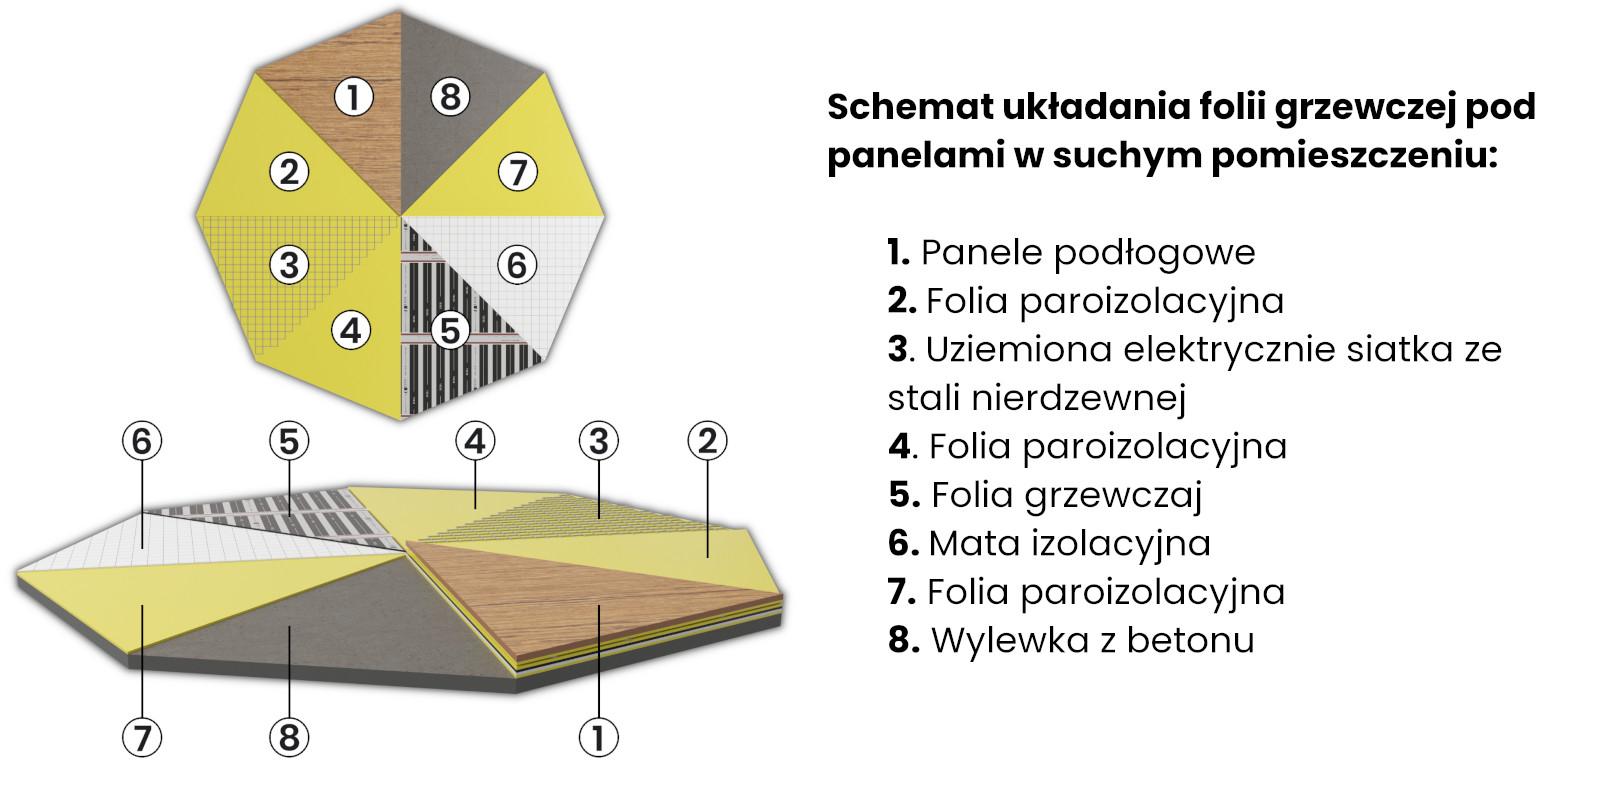 Schemat układania folii grzewczej pod panelami w suchym i wilgotnym pomieszczeniu